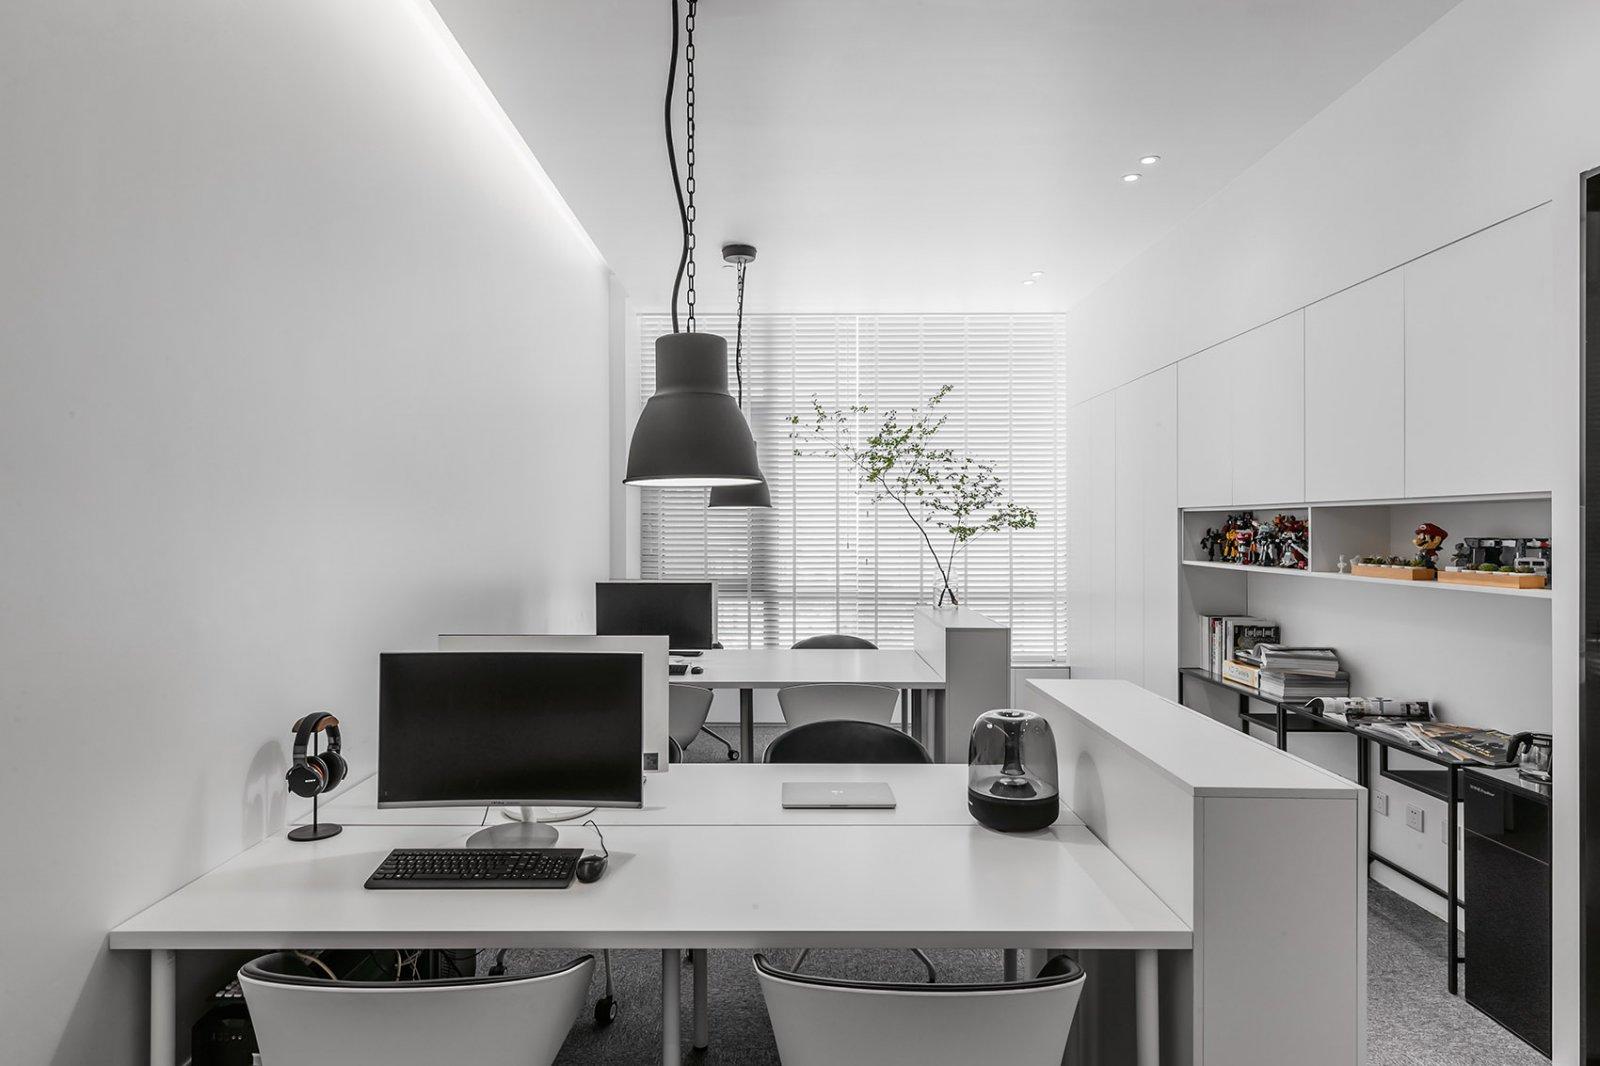 办公室设计,让极简不失调性|张勇、马鑫 - 4